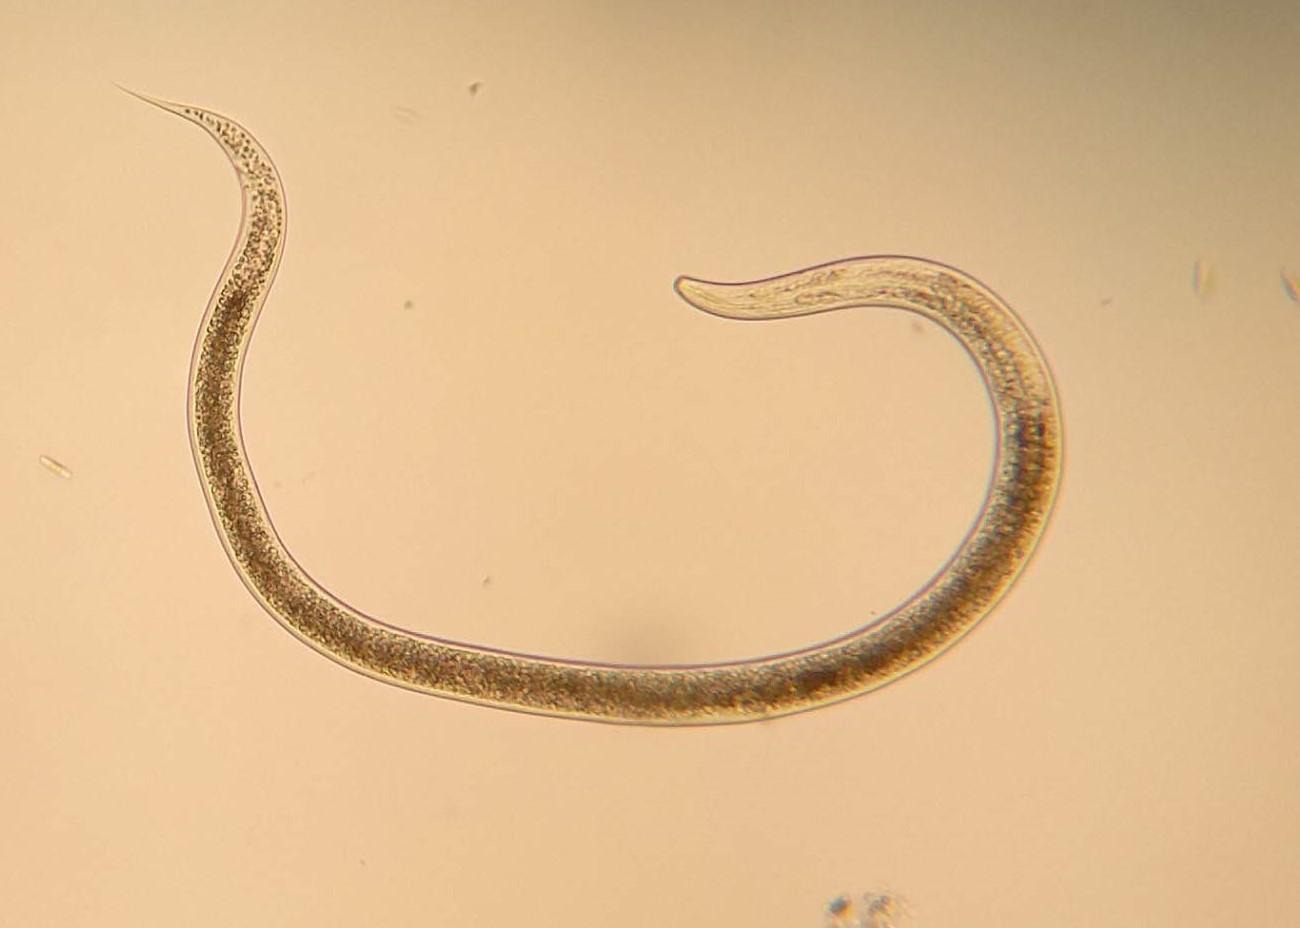 Nematodo monhystera filiformis